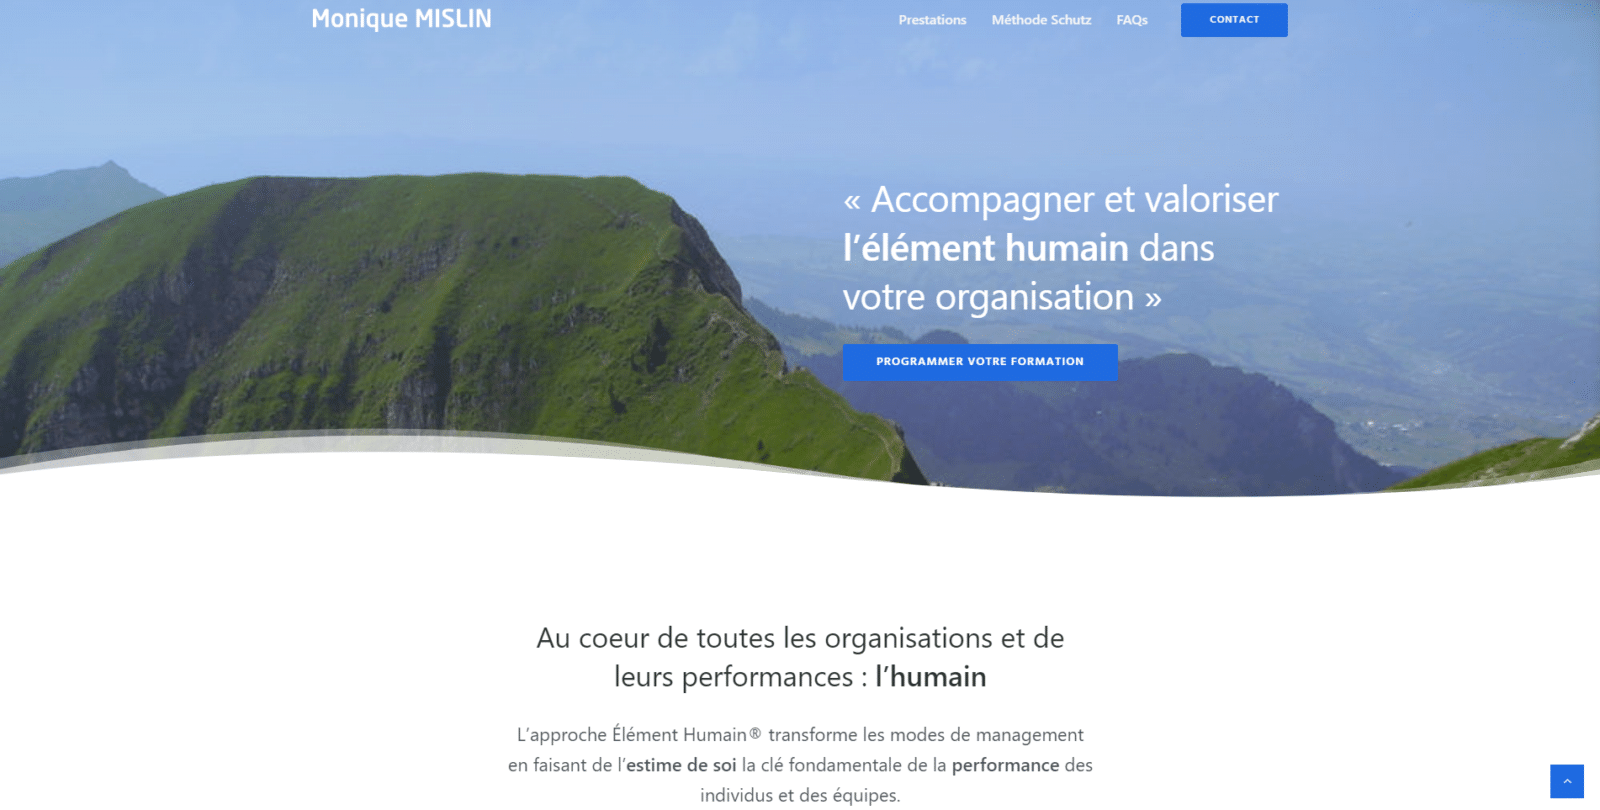 Monique Mislin est une cliente de l'agence web Karedess, agence web situé à Mulhouse